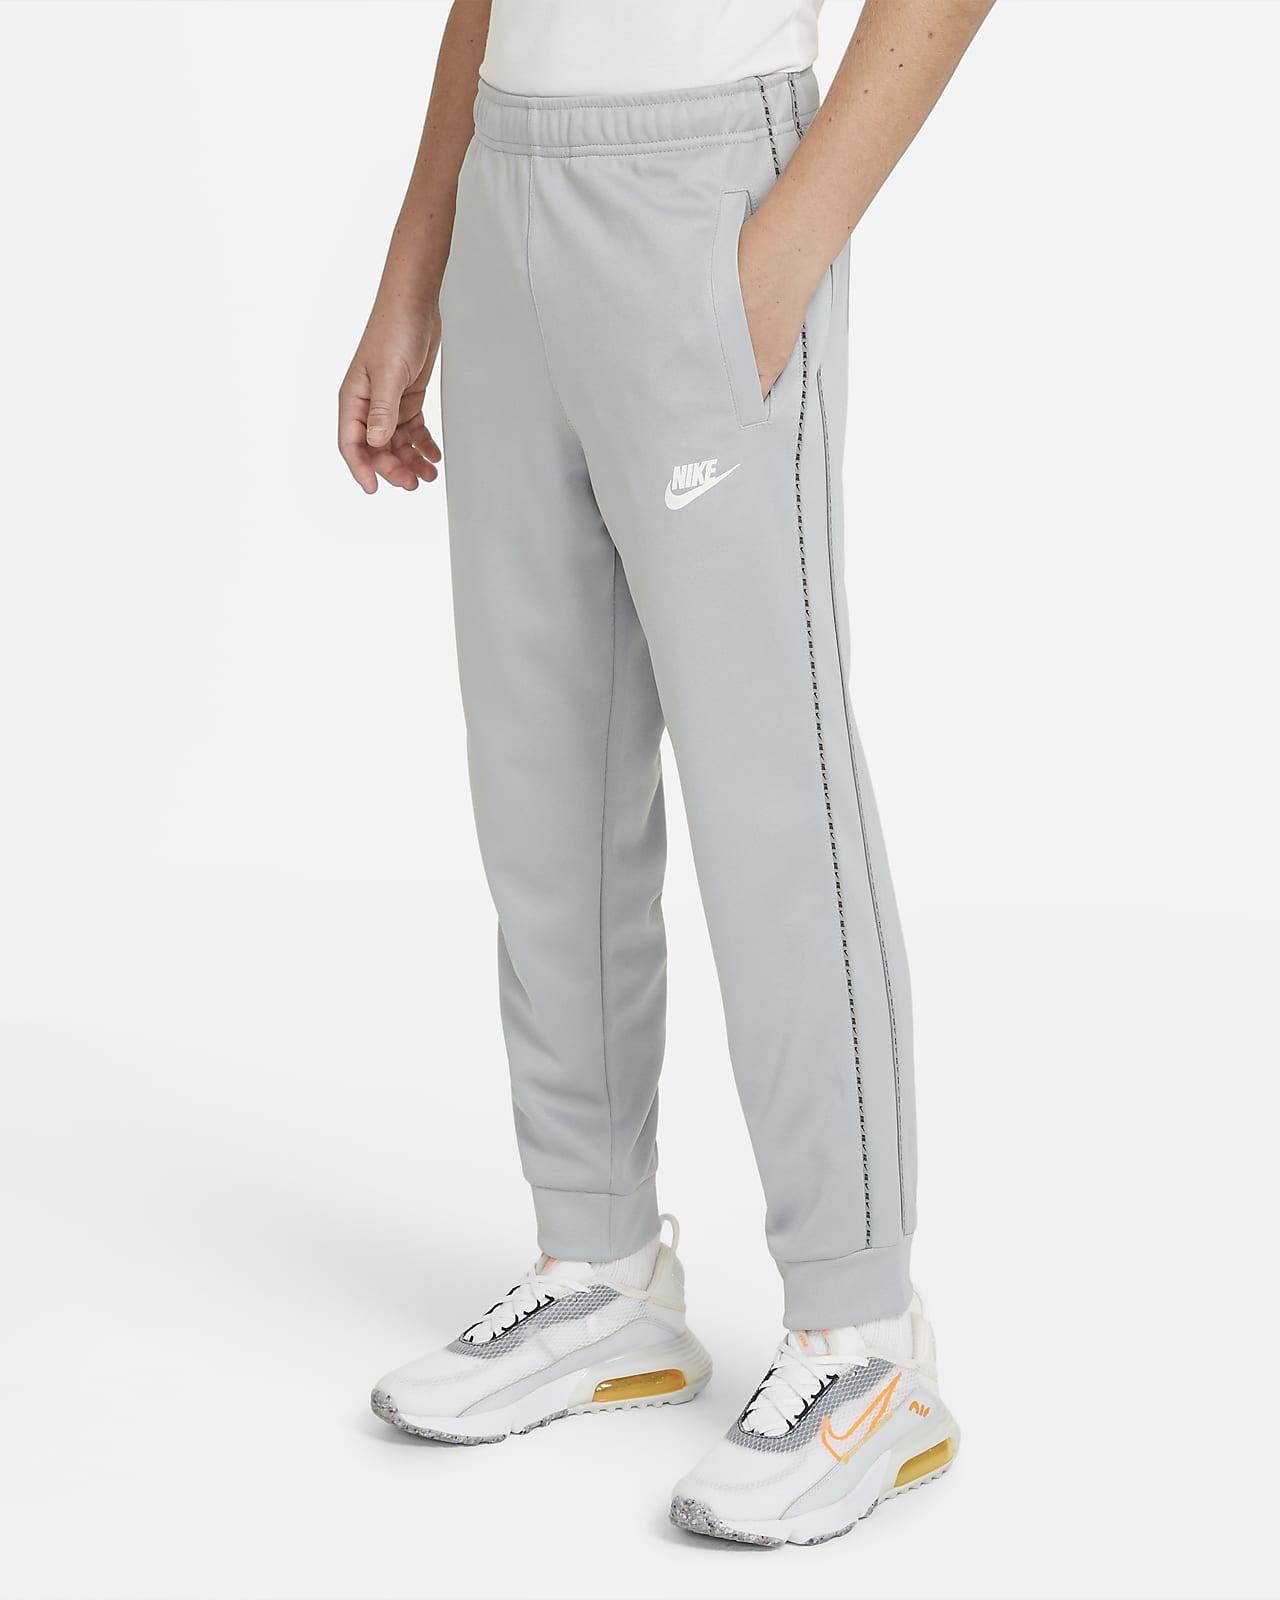 Джоггеры для мальчиков школьного возраста Nike Sportswear